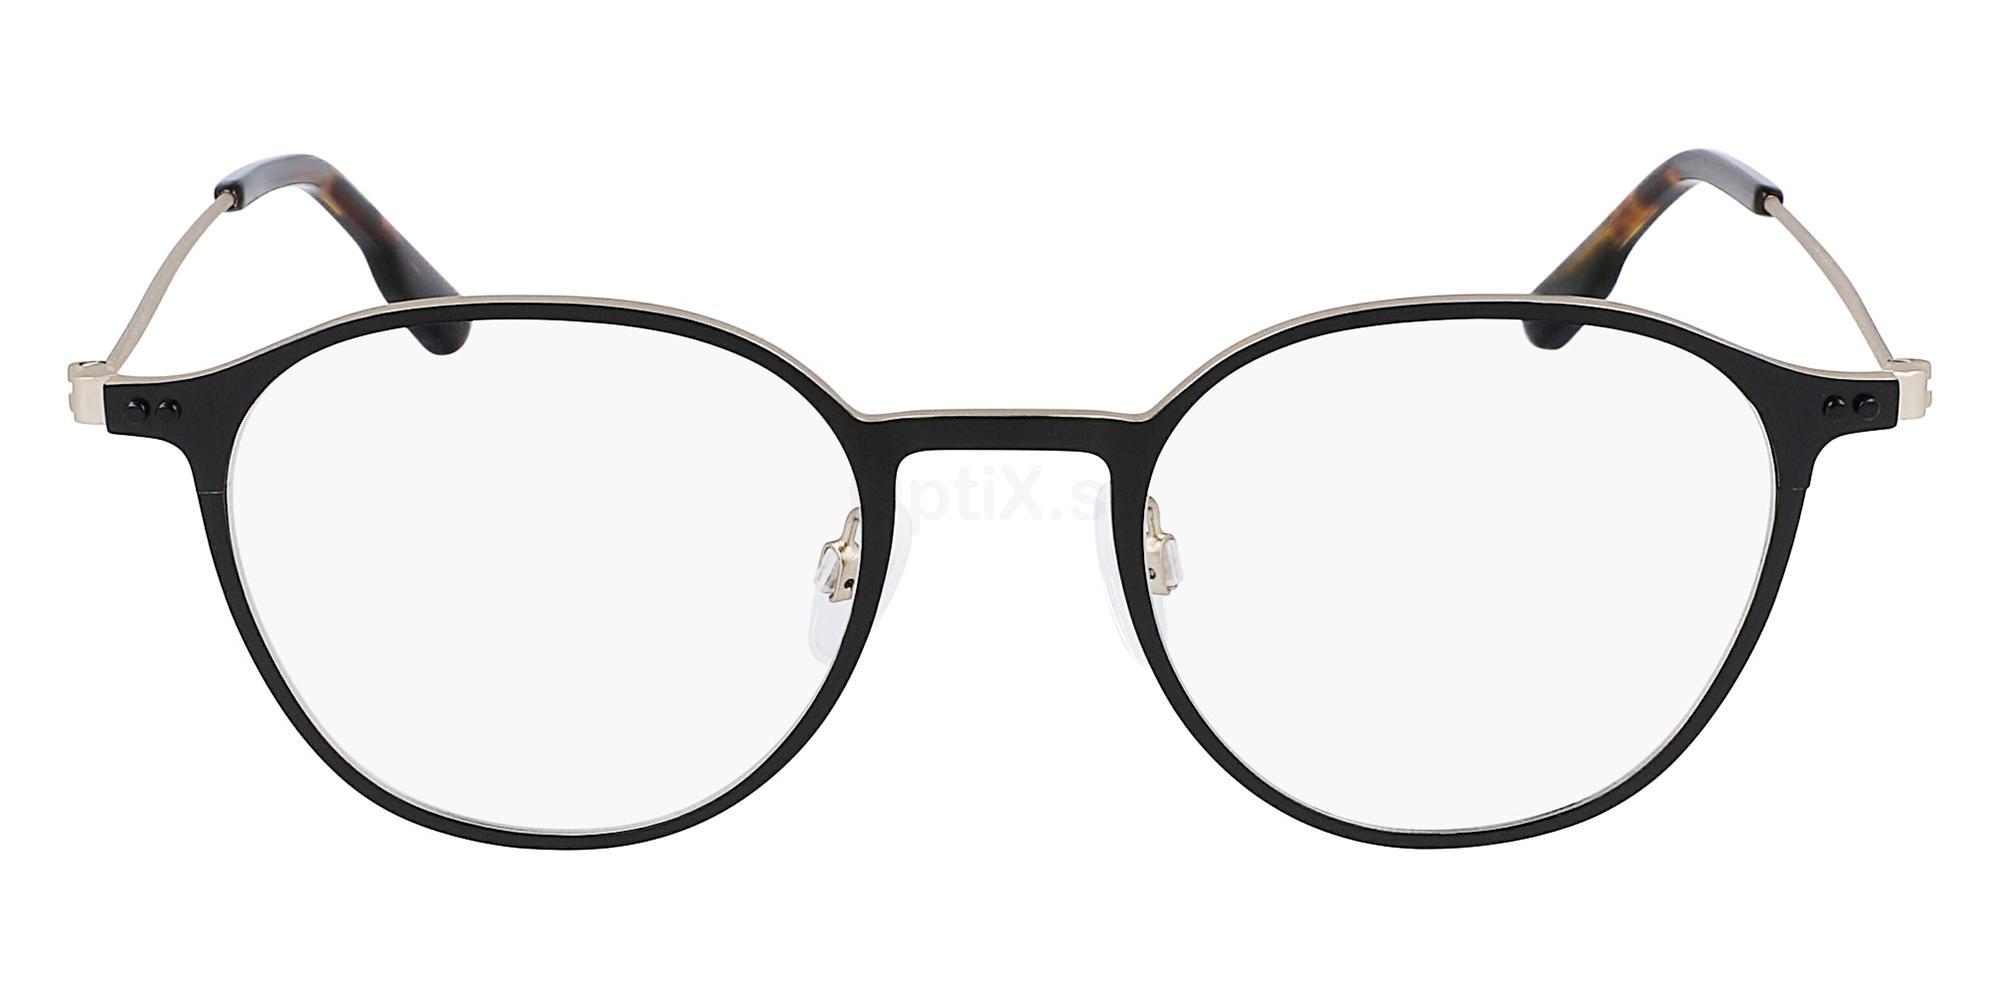 001 SK2116 NATT Glasses, Skaga